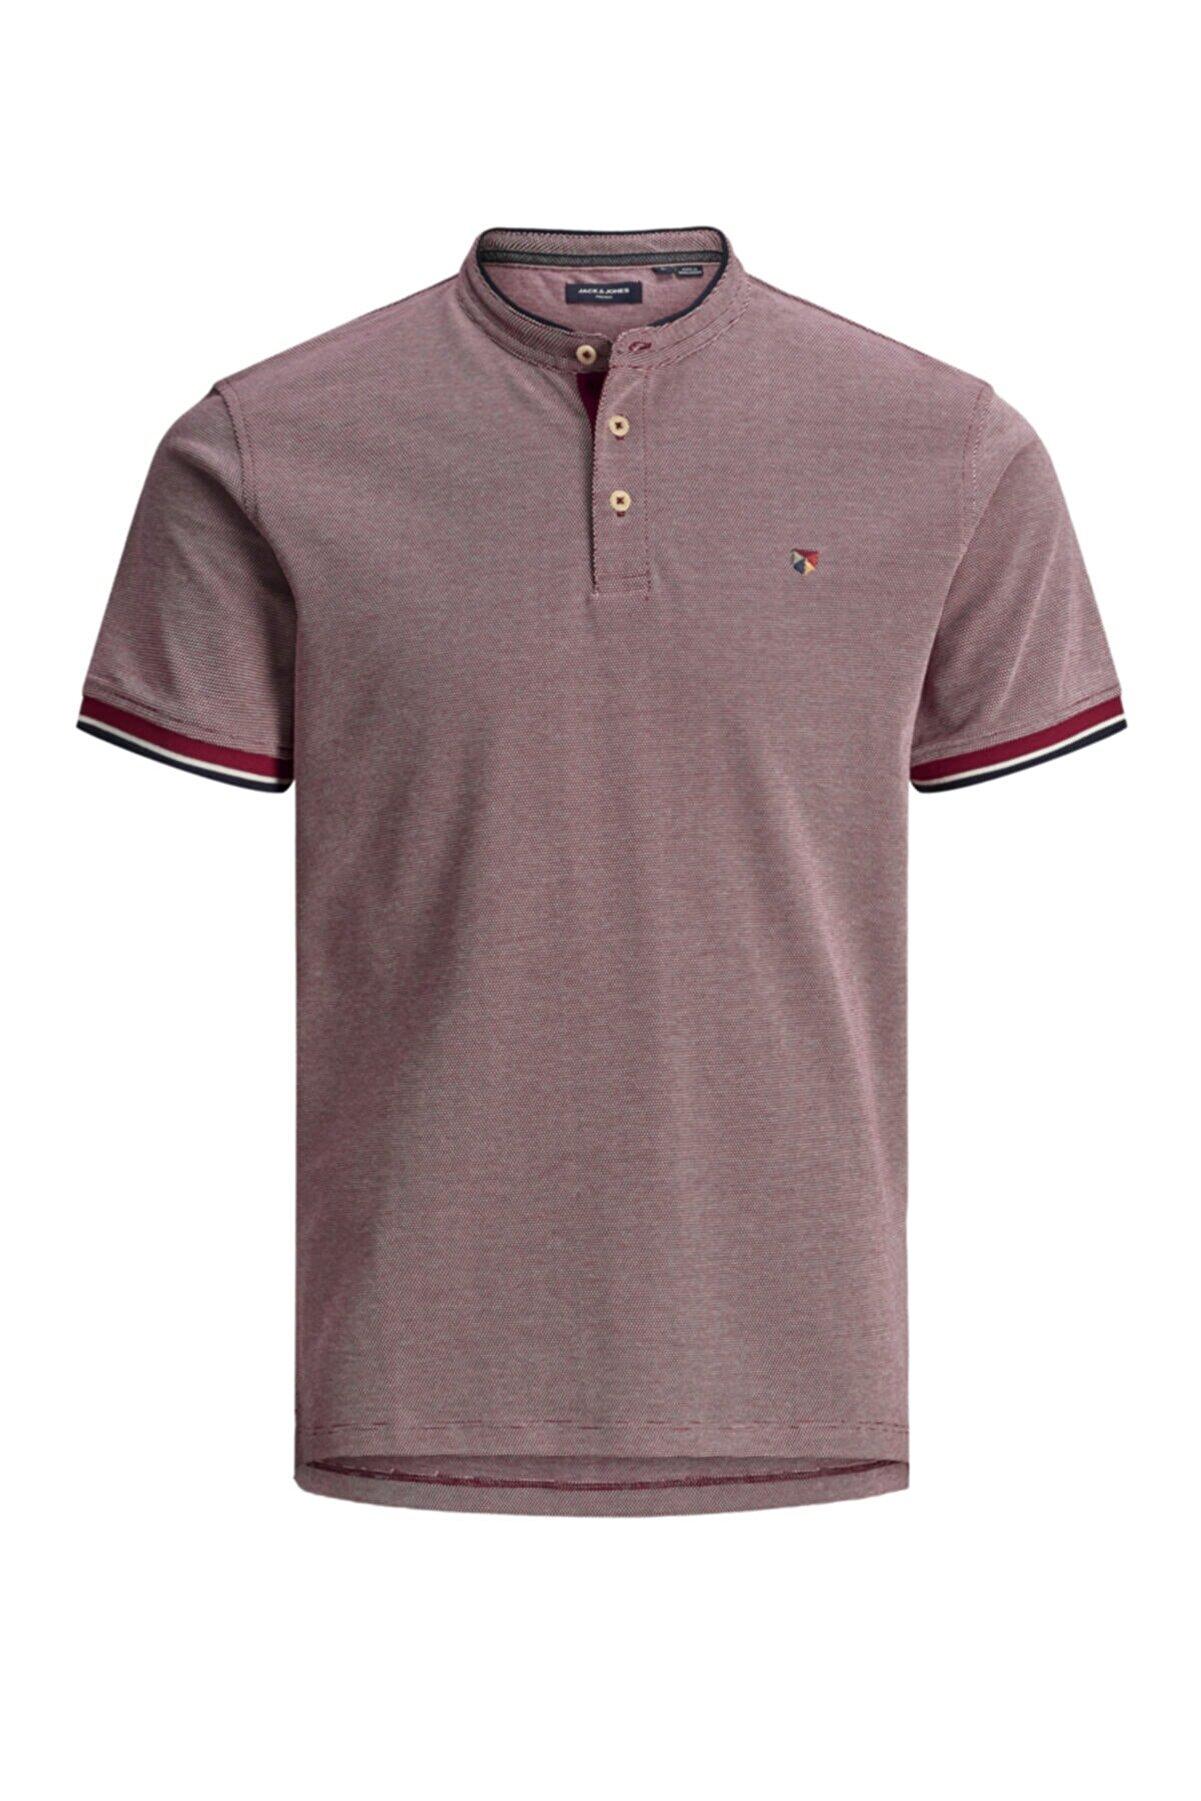 Jack & Jones Polo T-shirt 12171658 Jprwın